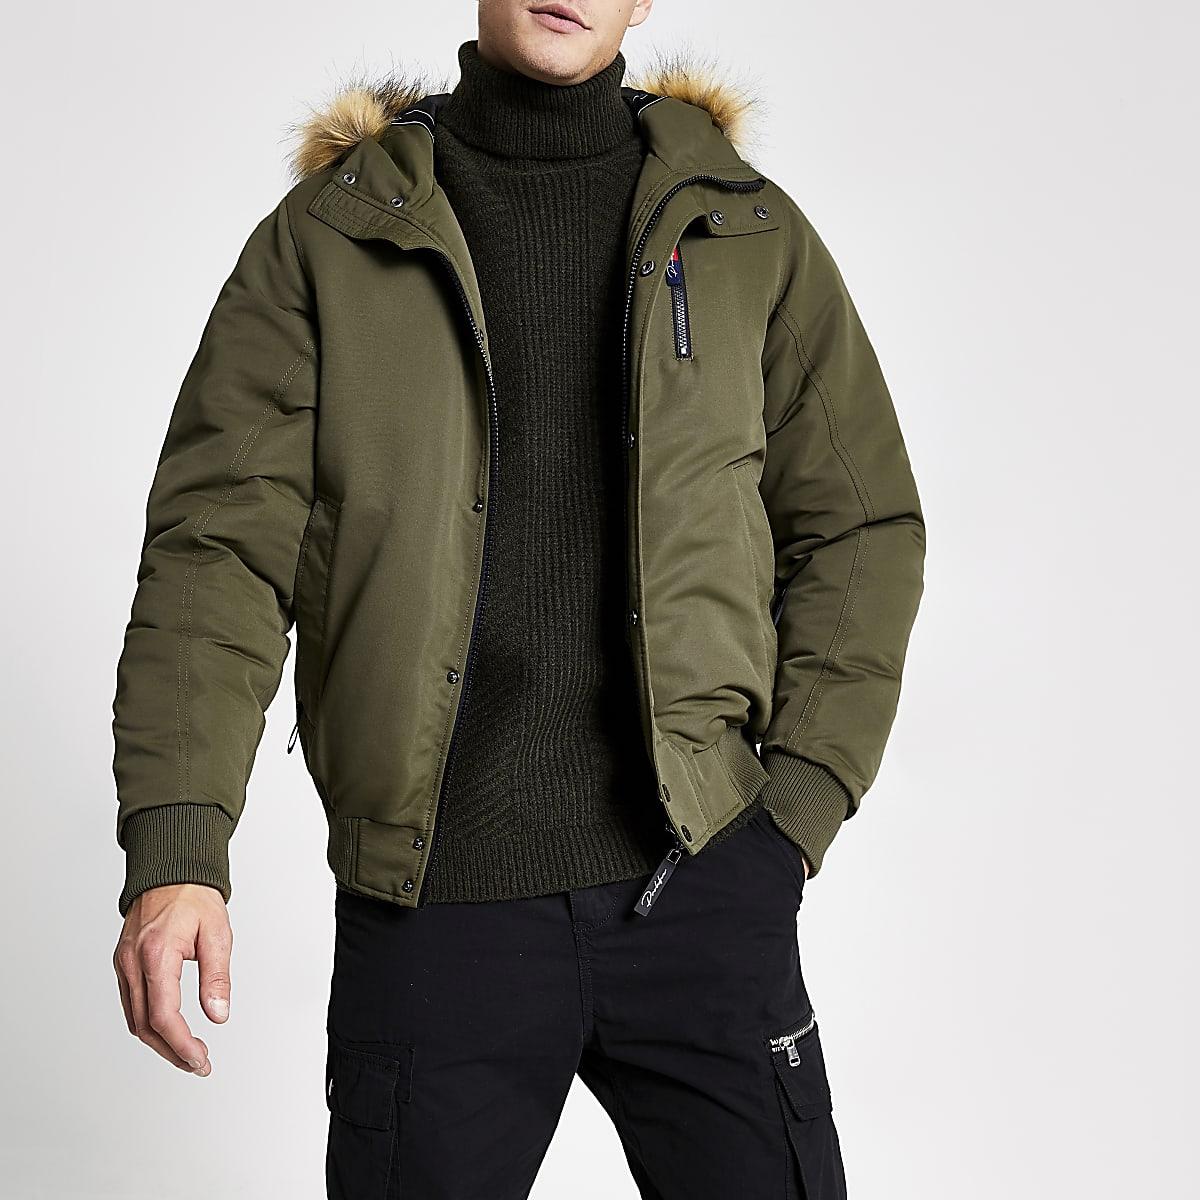 Prolific - Kaki gewatteerde jas met capuchon met rand van imitatiebont